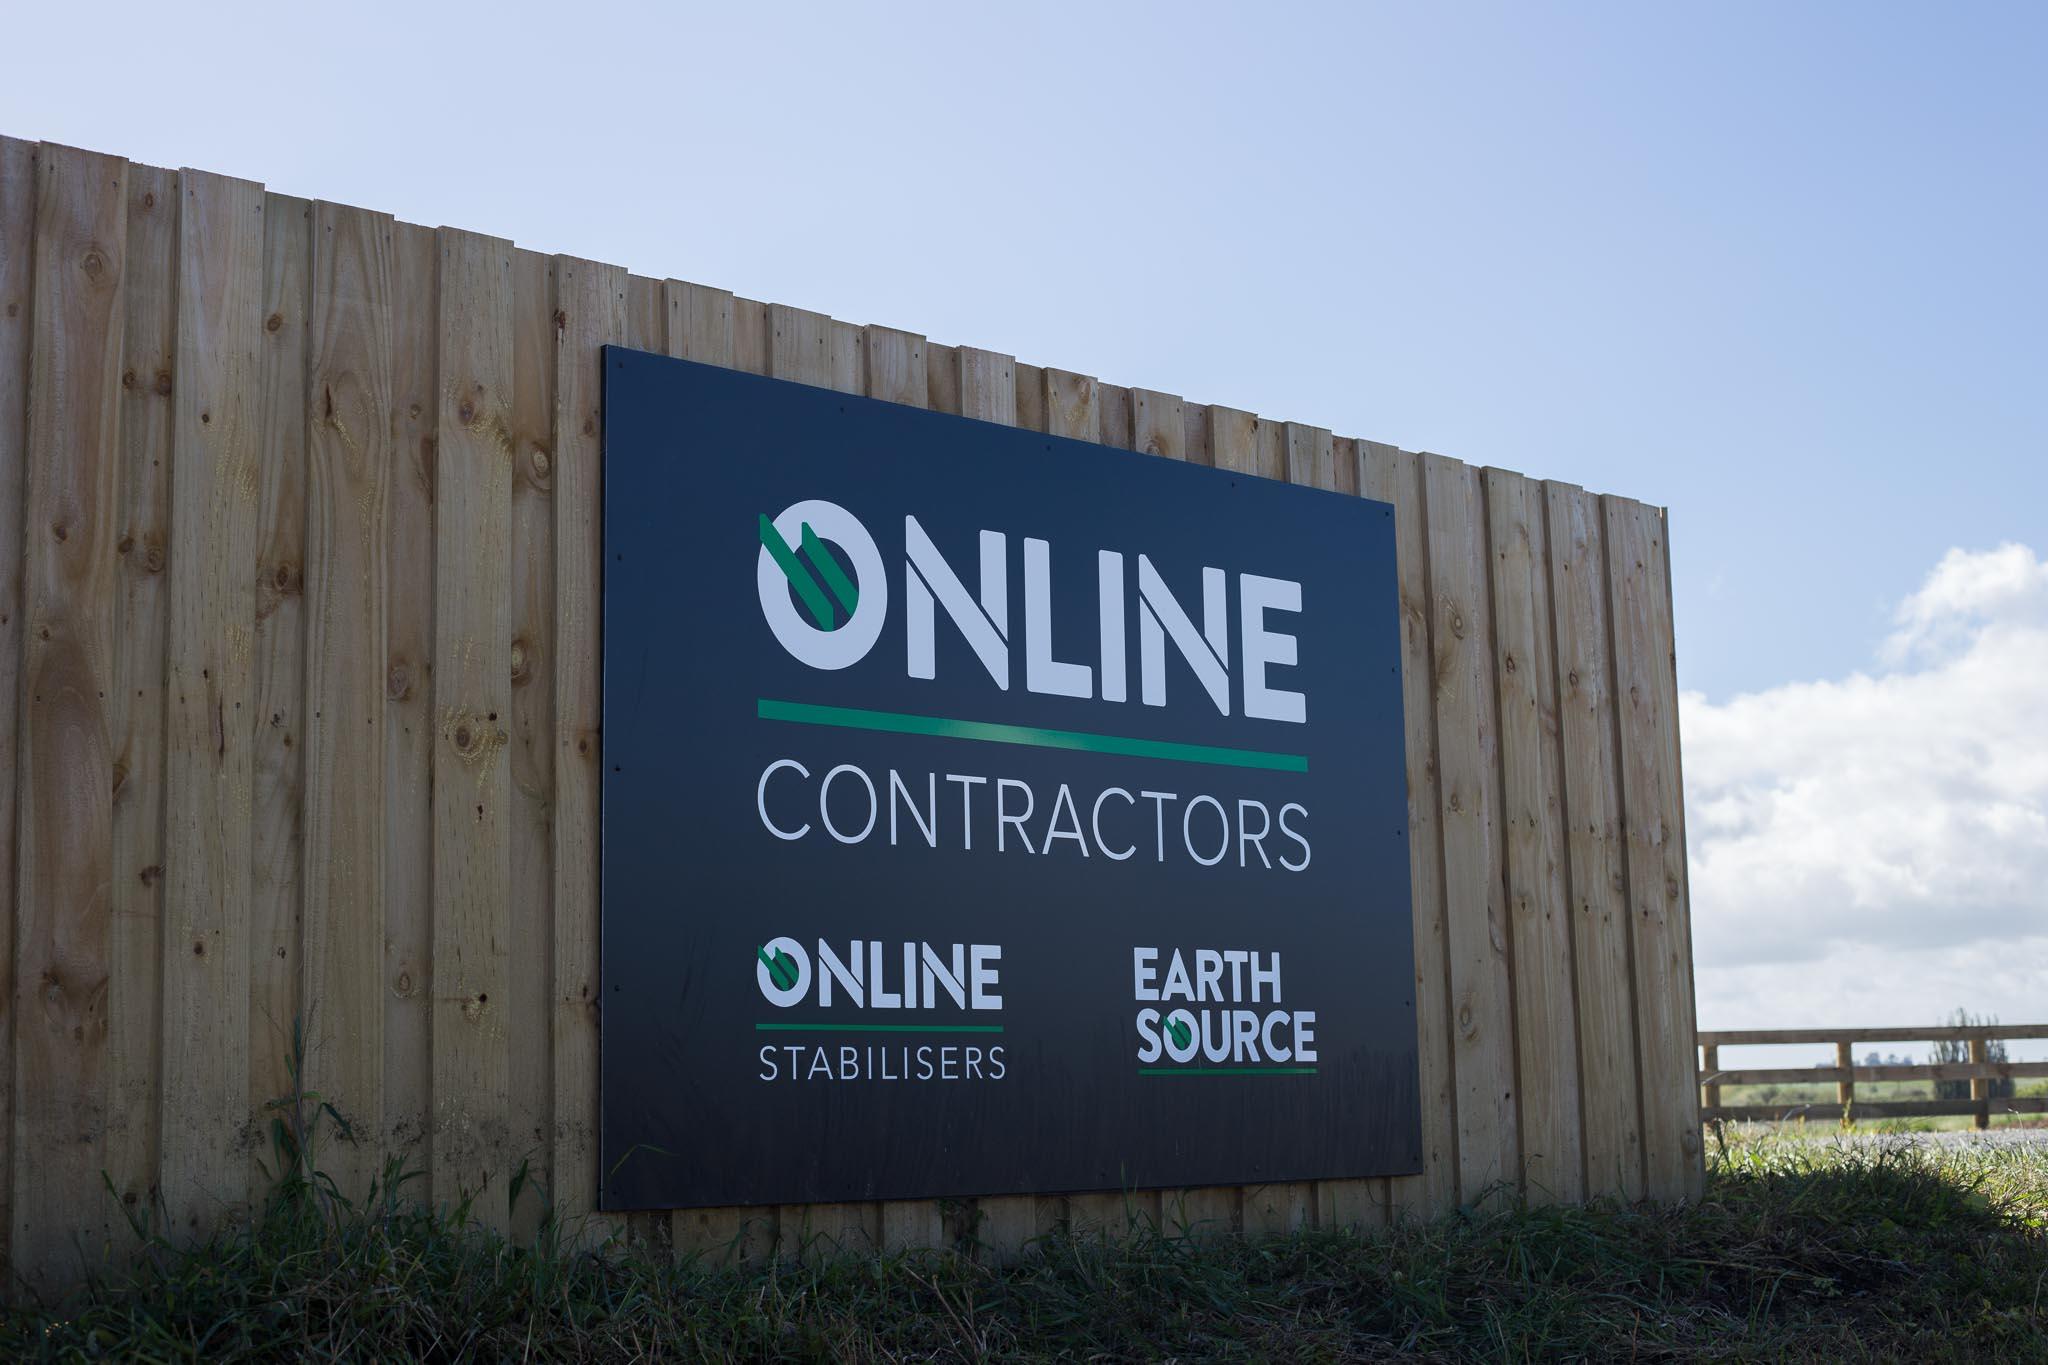 HGB Online Contractors brand development